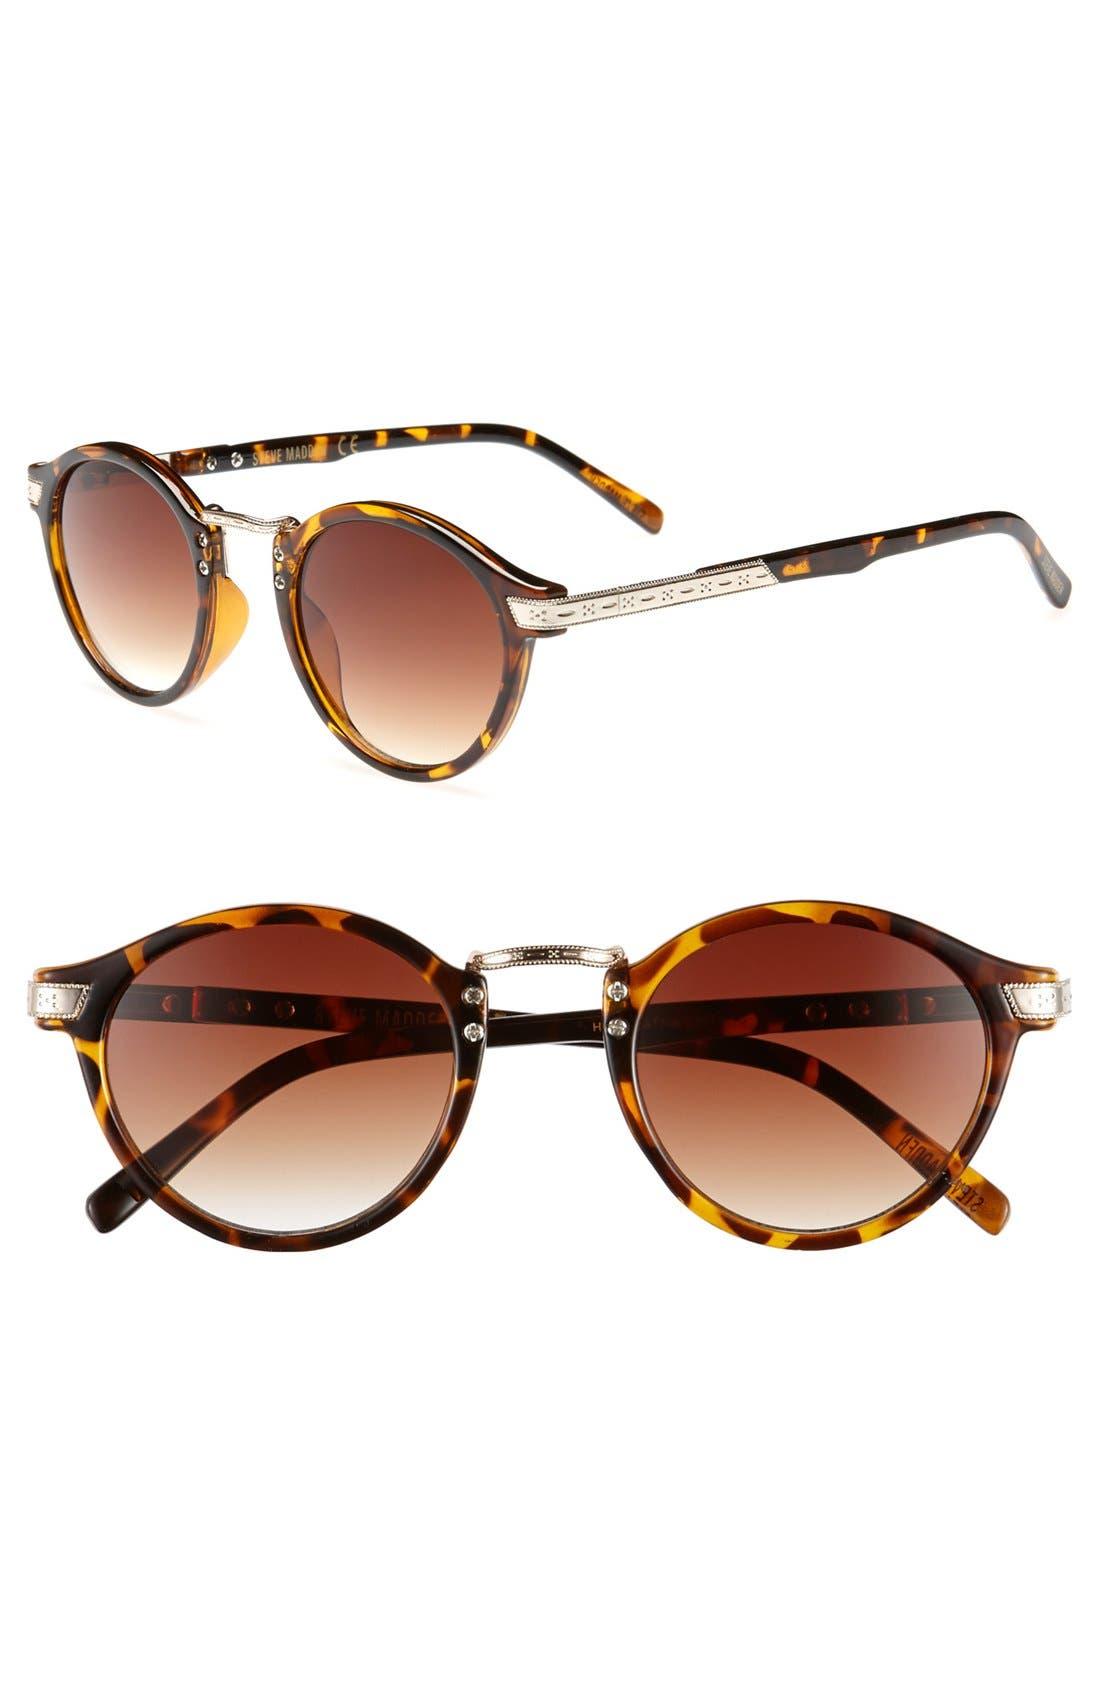 Alternate Image 1 Selected - Steve Madden 45mm Retro Sunglasses